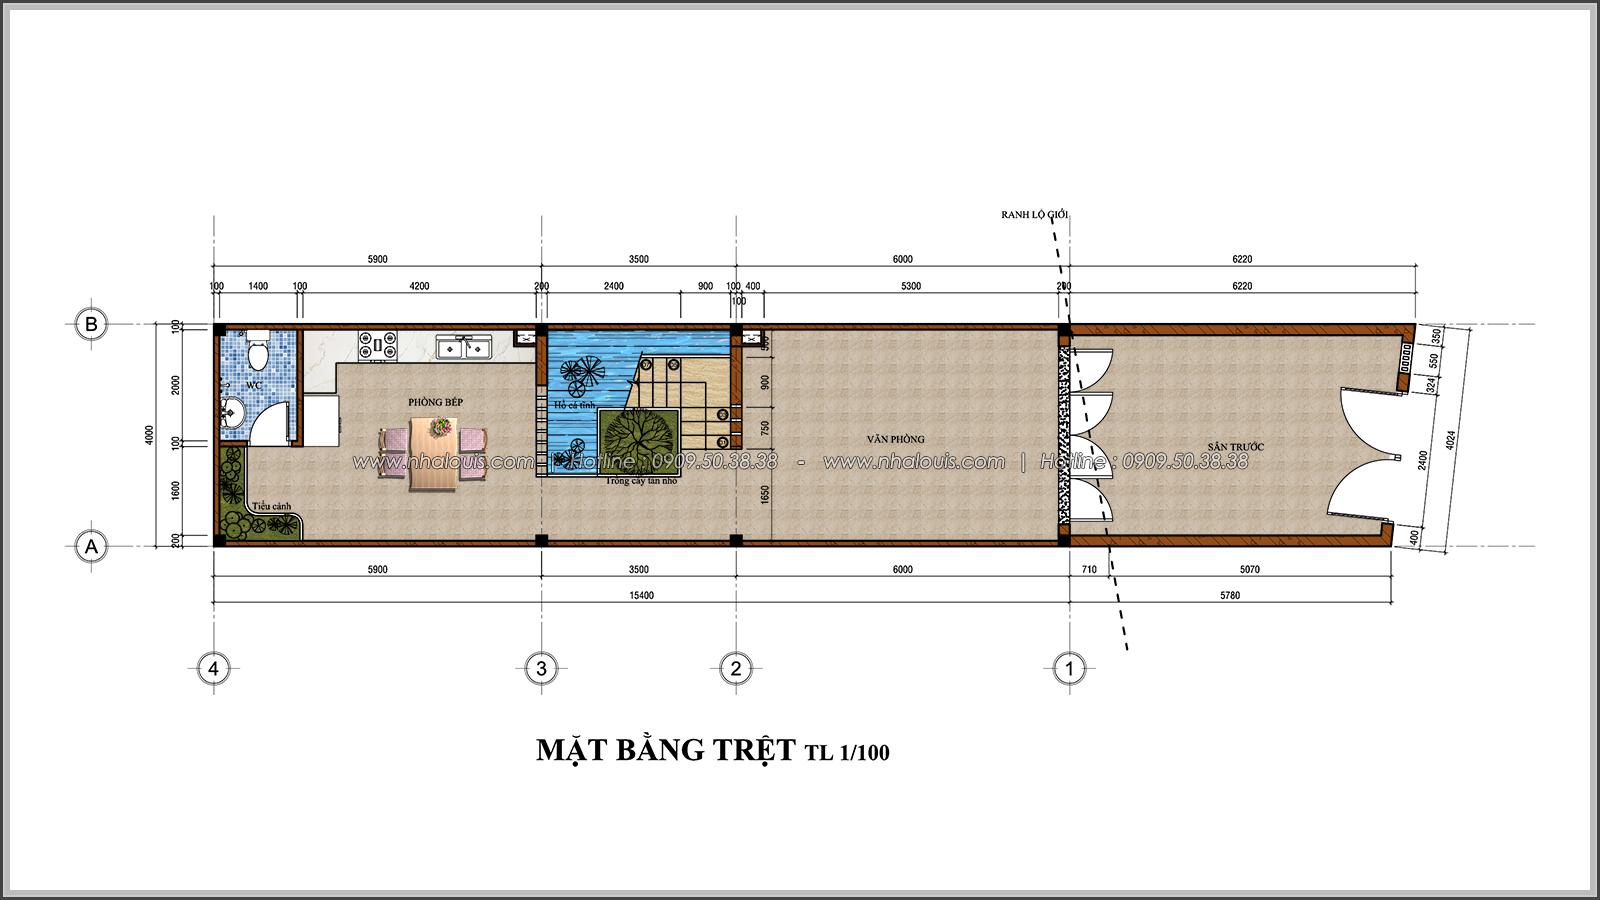 Mặt bằng tầng trệt Thiết kế nhà phố 3 tầng đẹp phong cách hiện đại sang trọng tại Thủ Đức - 03